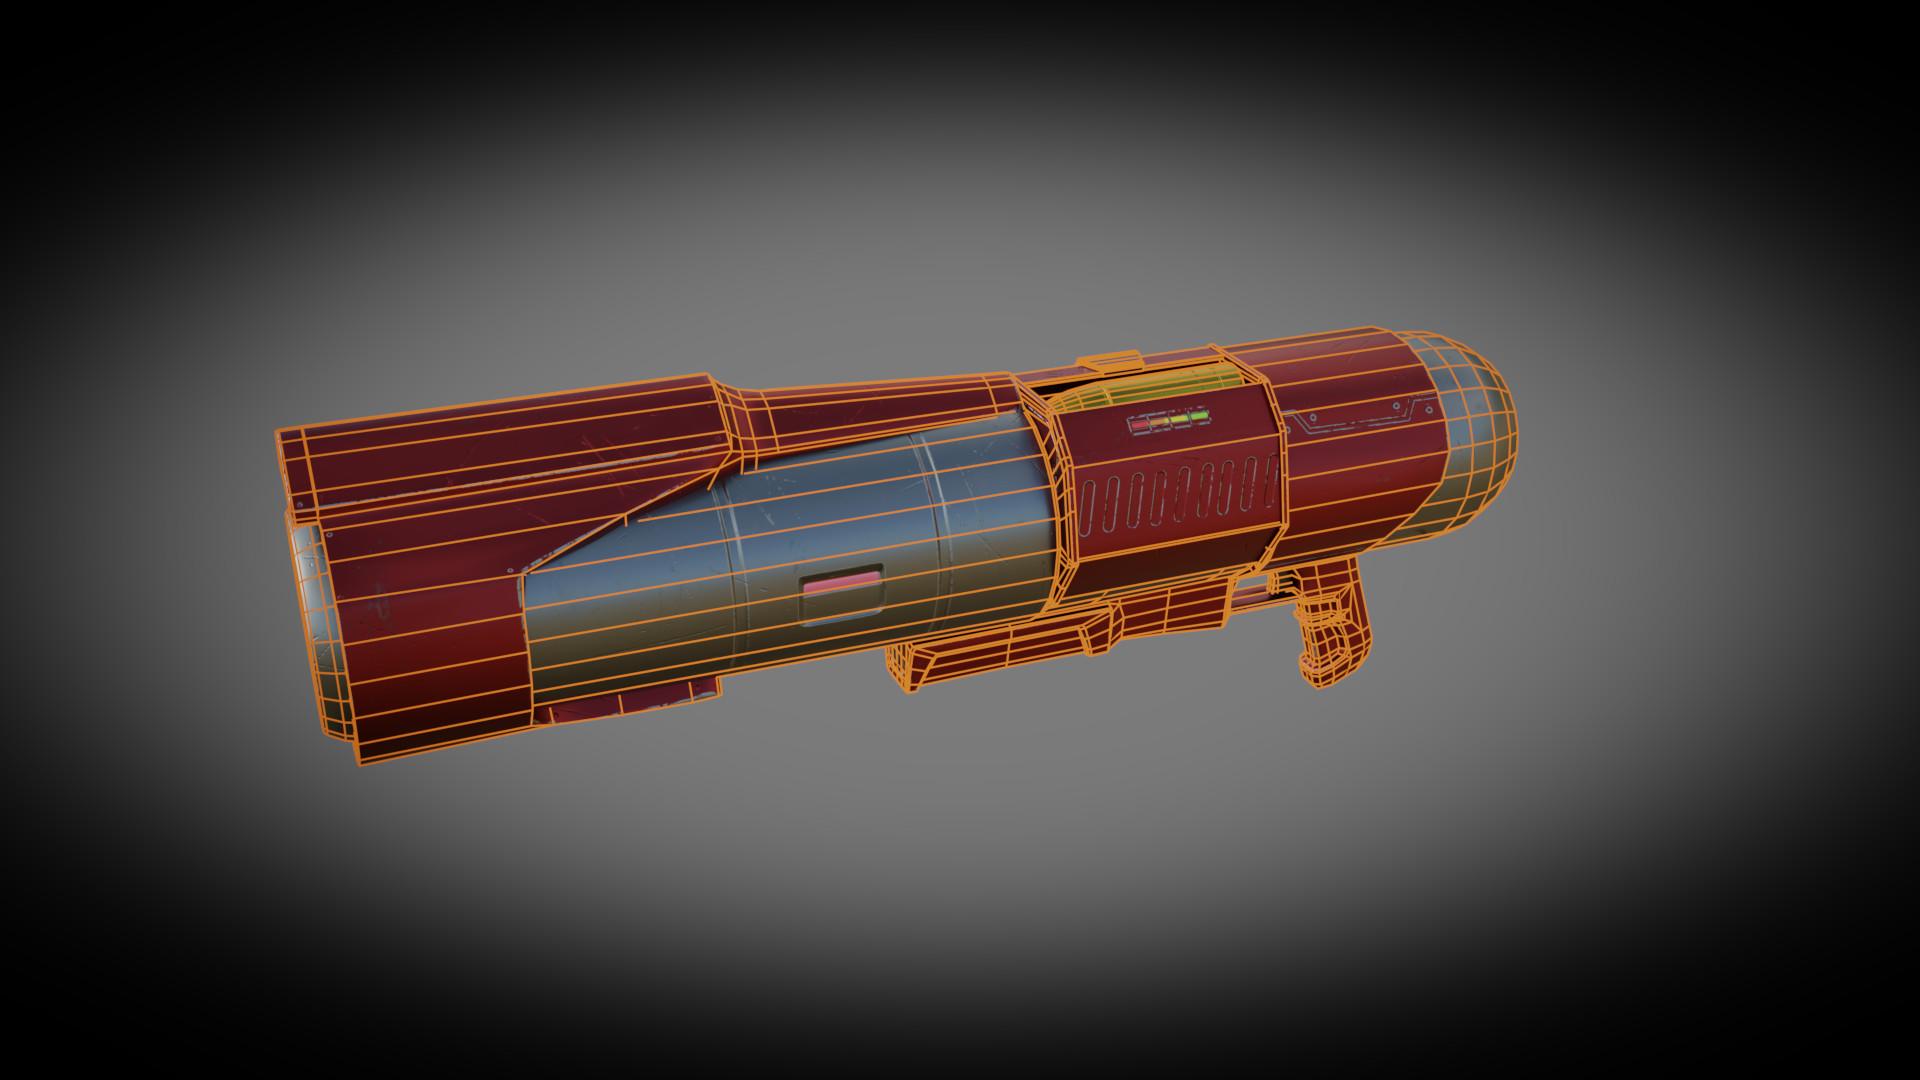 Emanuel cacciola rocket wireframe 1